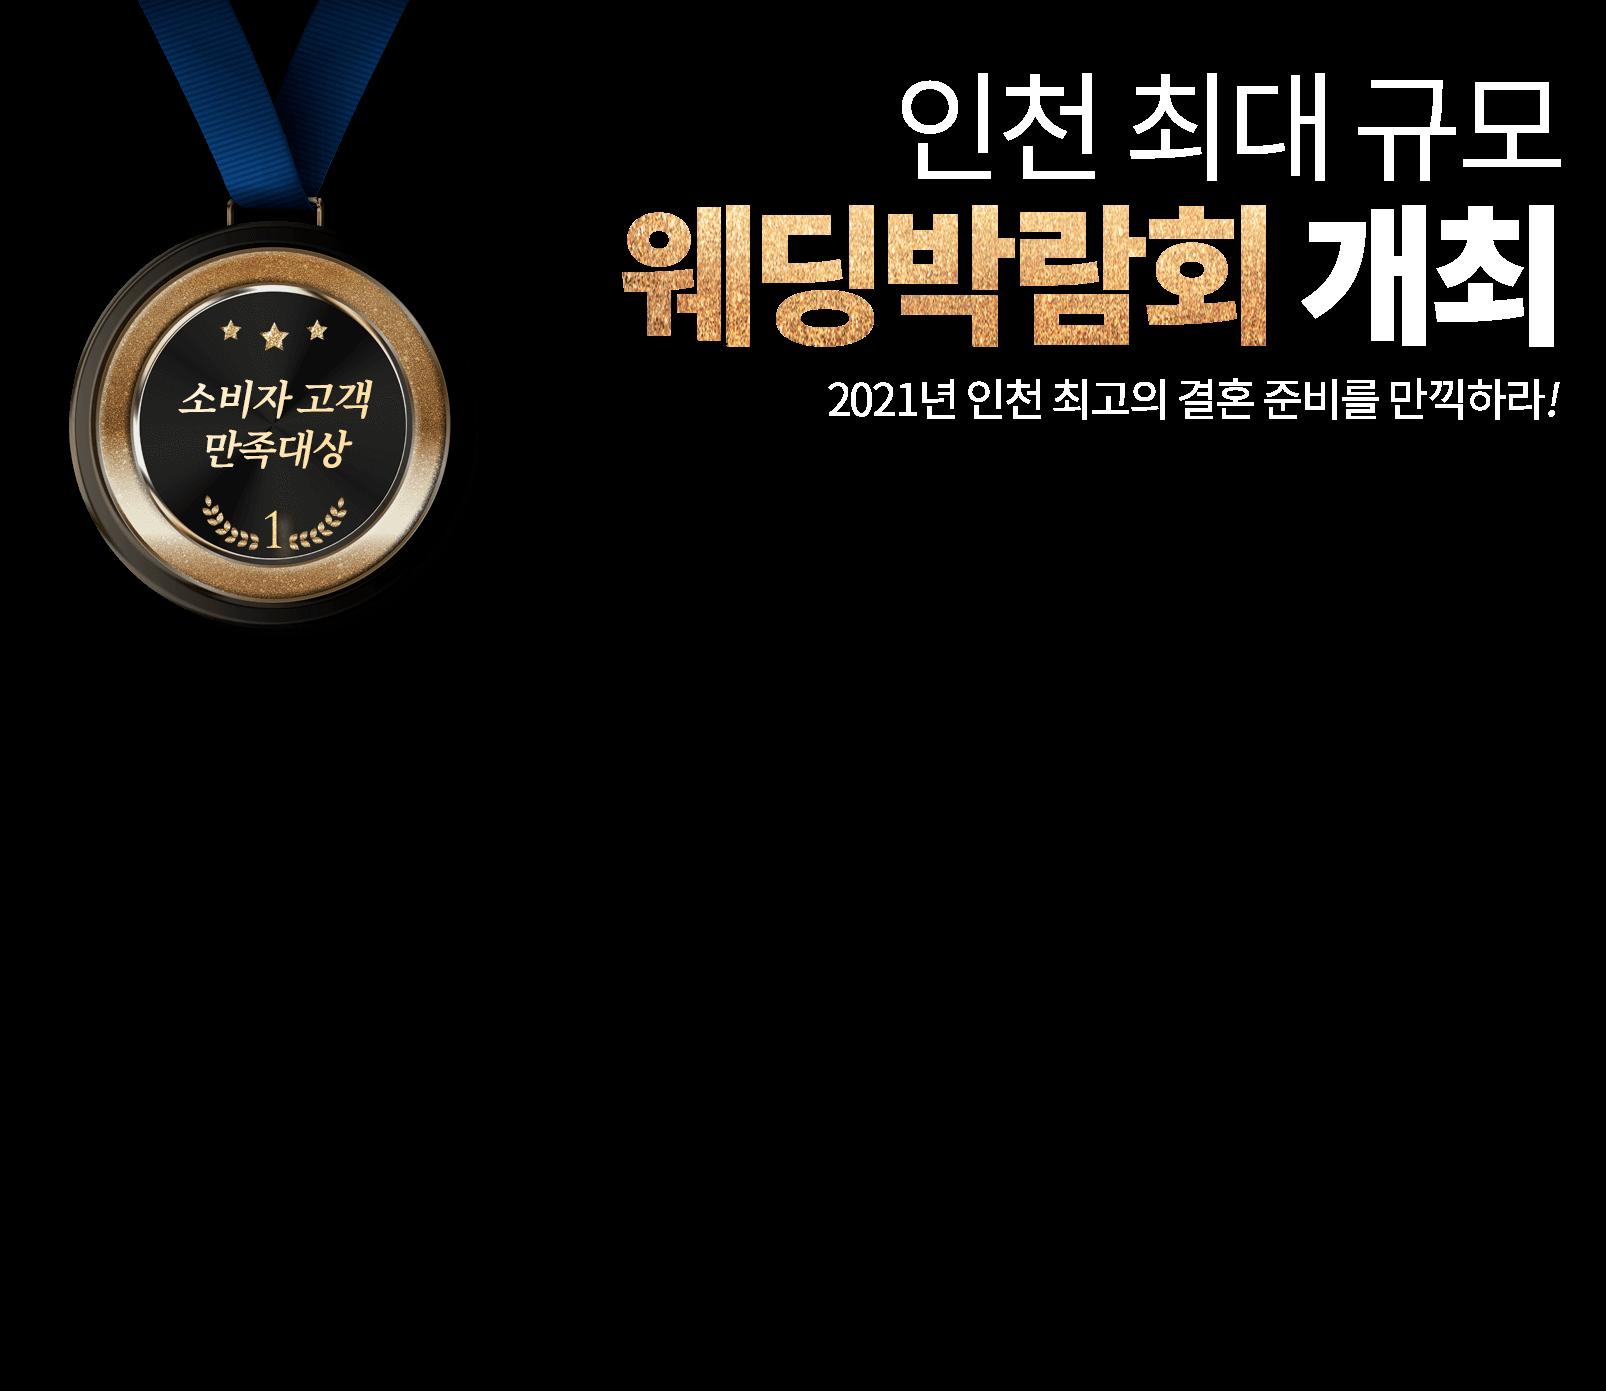 웨딩박람회 개최